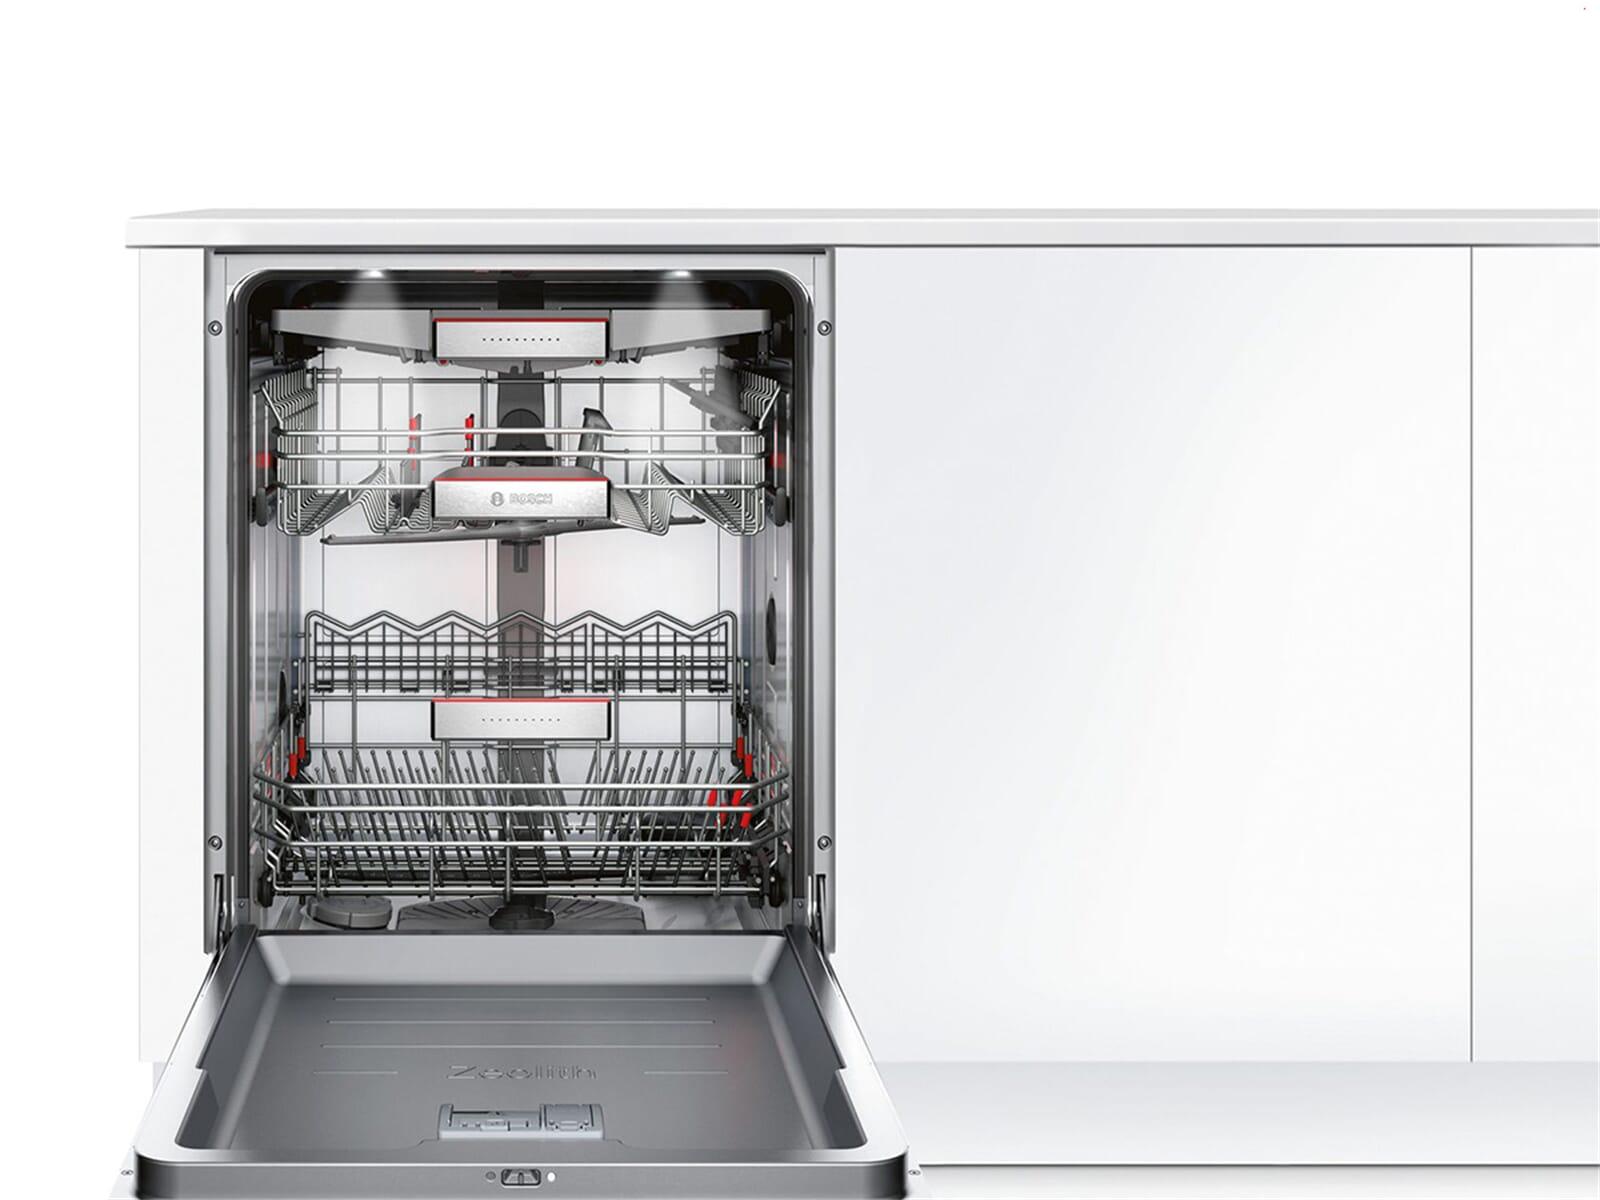 Kühlschrank Xxl Bosch : Bosch sbv tx e vollintegrierbarer einbaugeschirrspüler xxl